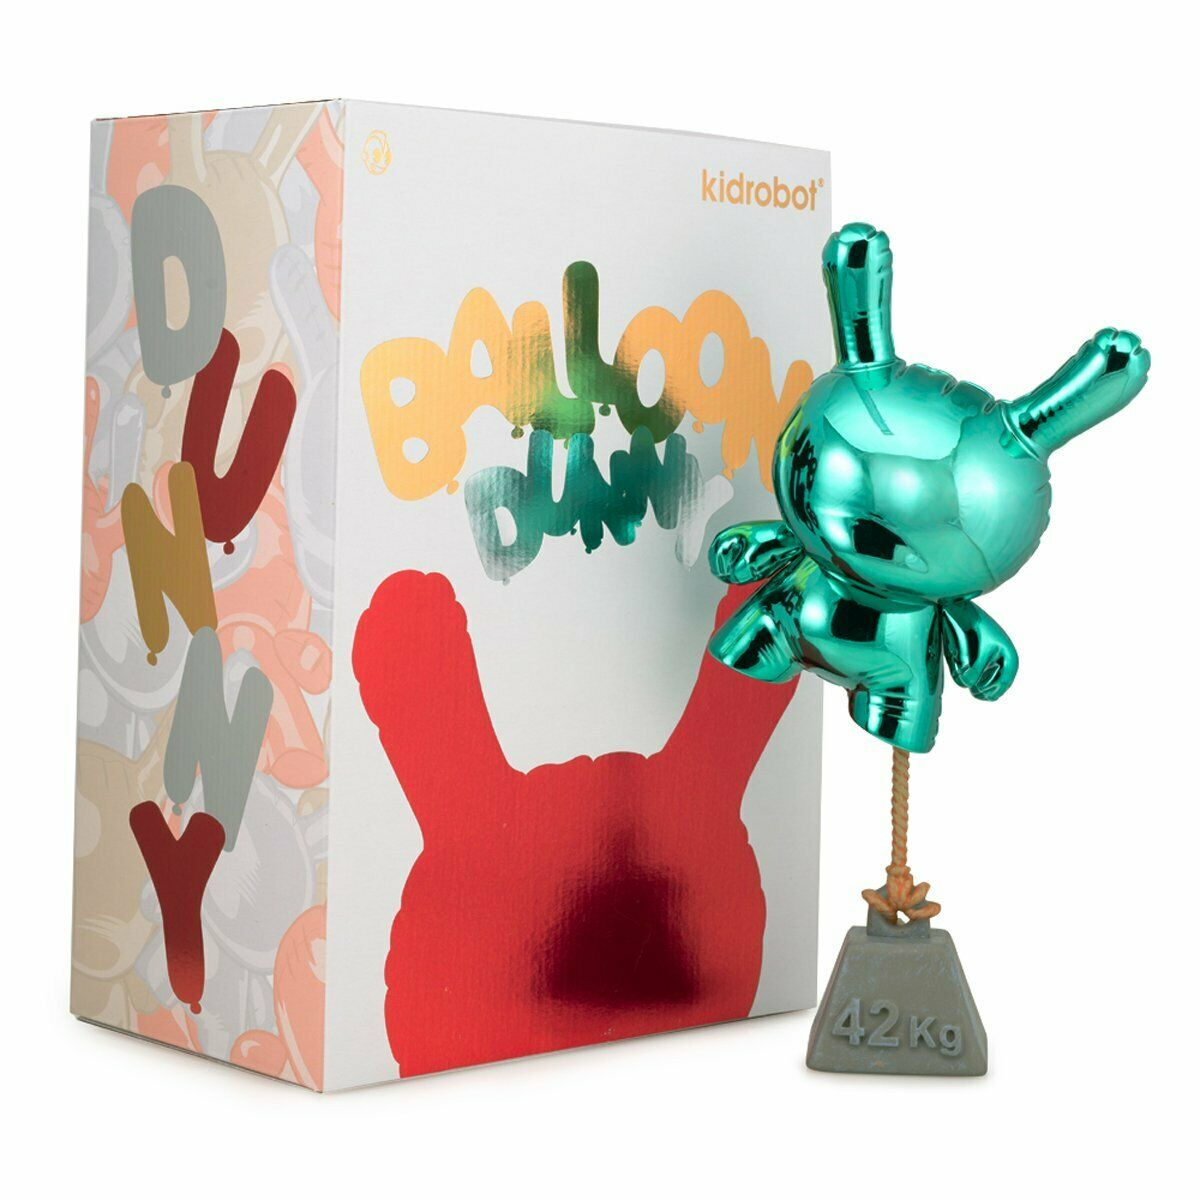 Kidrobot Balloon Dunny 8  Art Figure By Wendigo Toys Teal Edition LE200